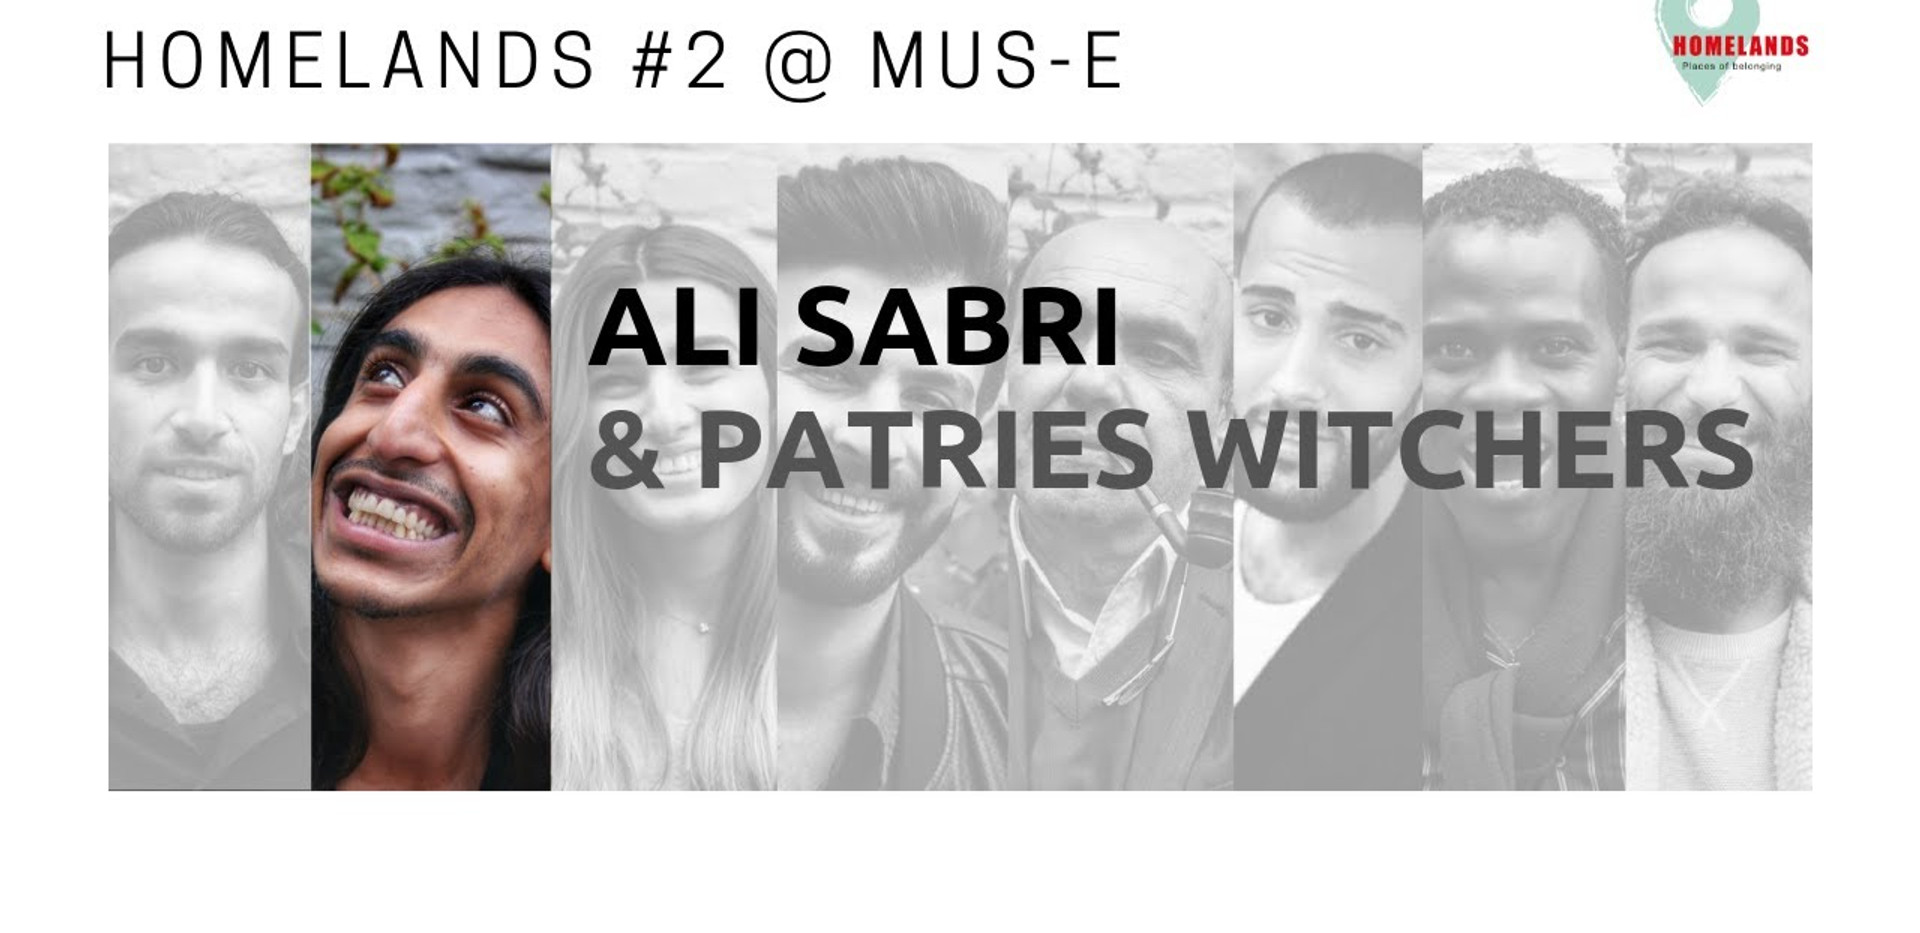 Ali Sabri & Patries Witchers